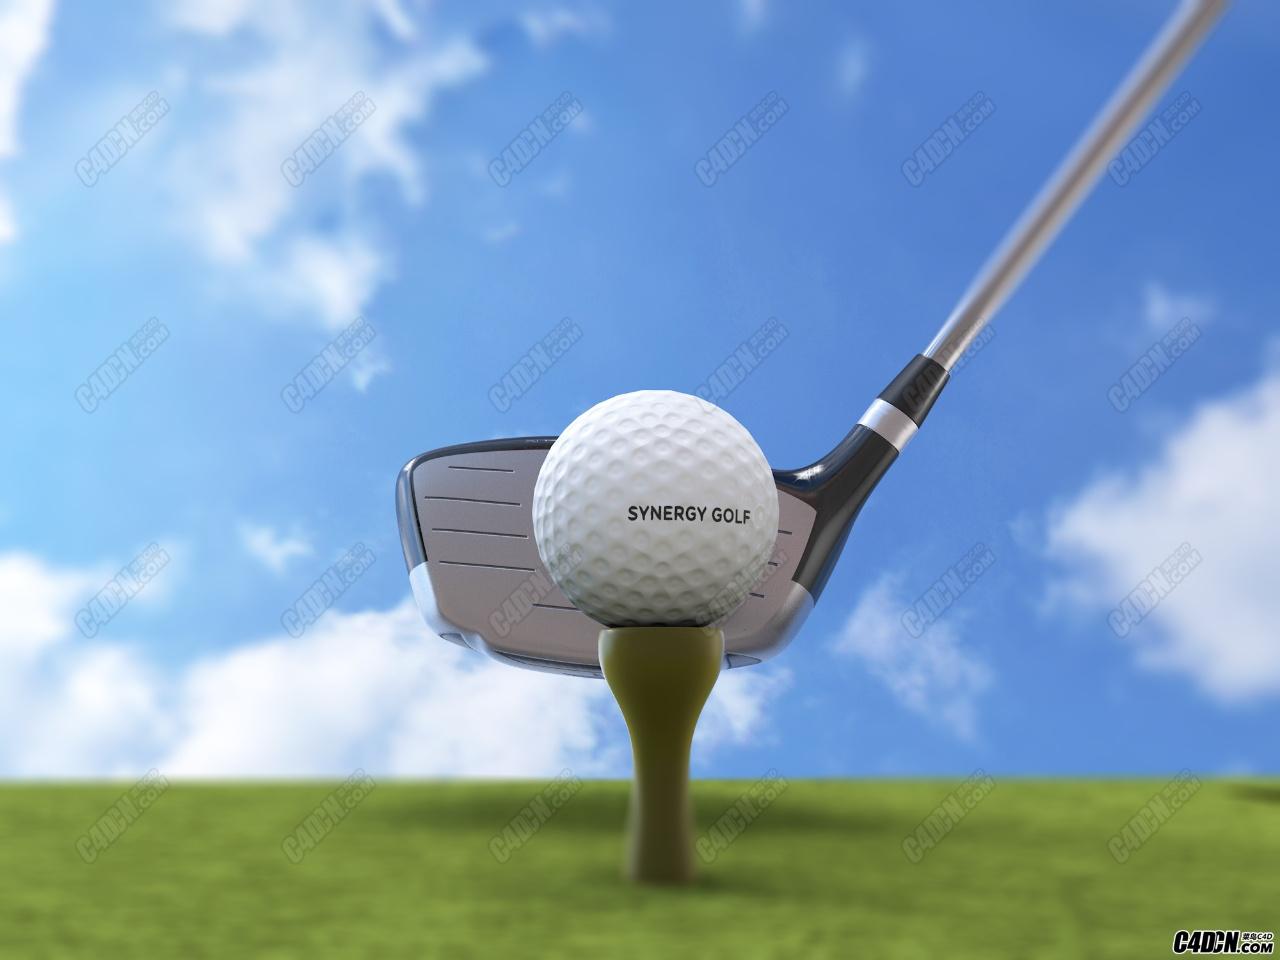 C4D模型-绿地上的高尔夫球 球杆模型